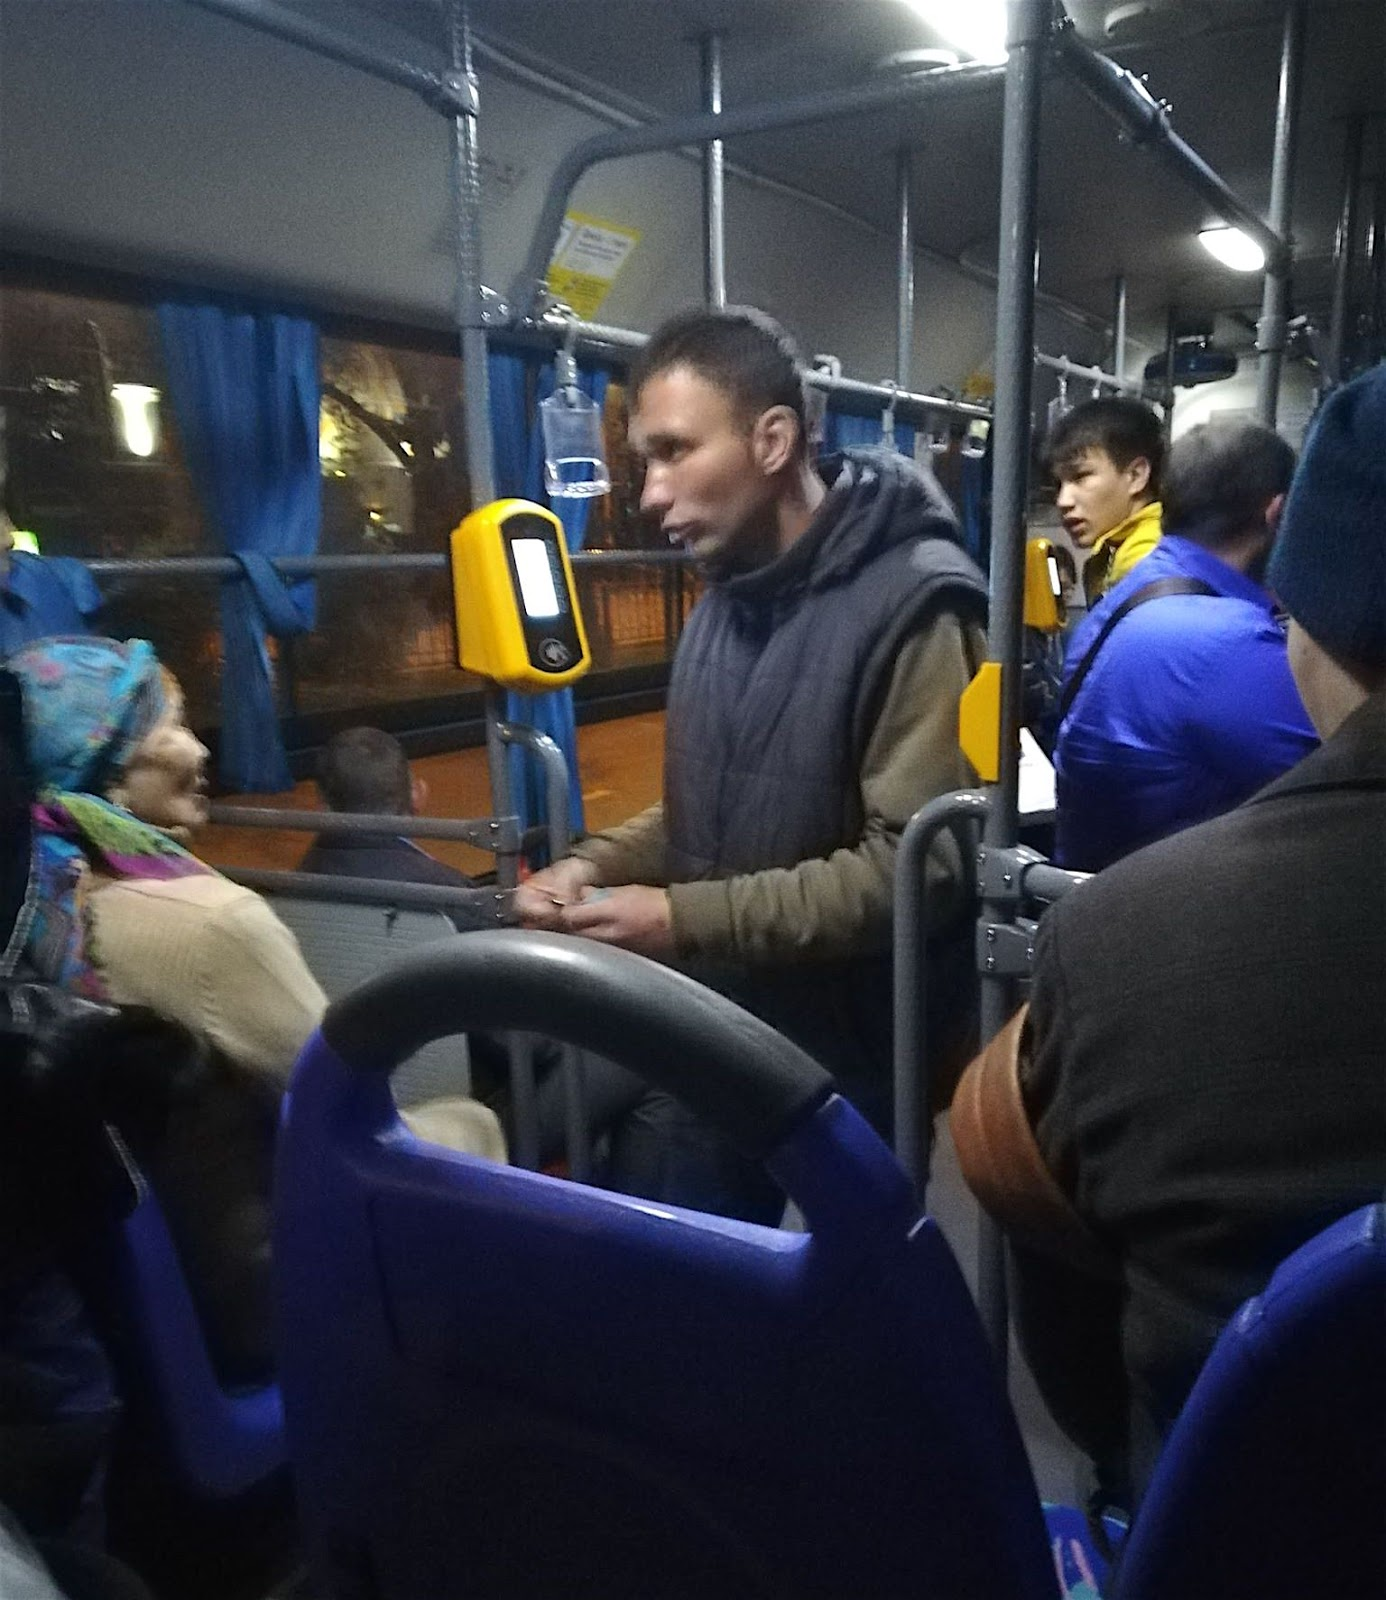 wyprawa do Kazachstanu, co zobaczyć w Kazachstanie, Kazachstan ciekawostki, zwiedzanie Kazachstanu, Kazachstan komunikacja, jak poruszać się po Kazachstanie